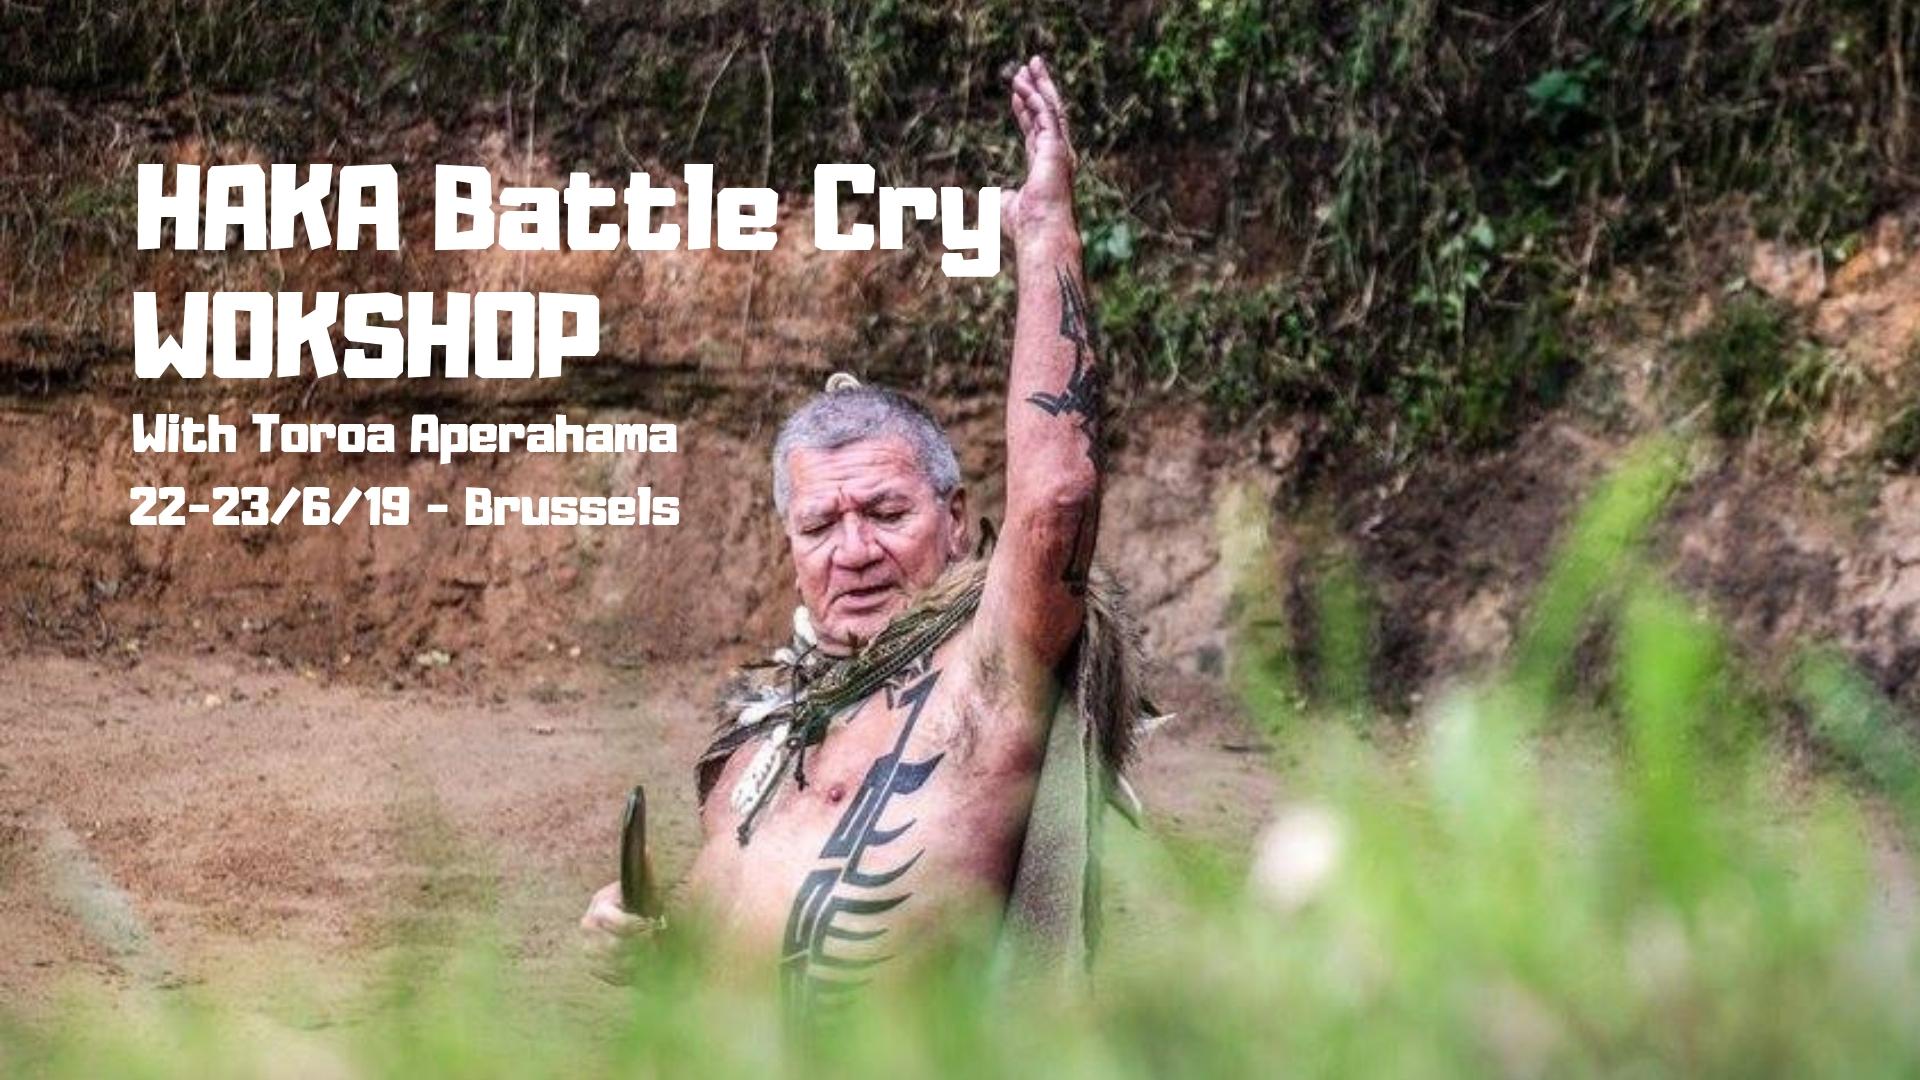 HAKA Battle Cry Workshop for men I Brussels